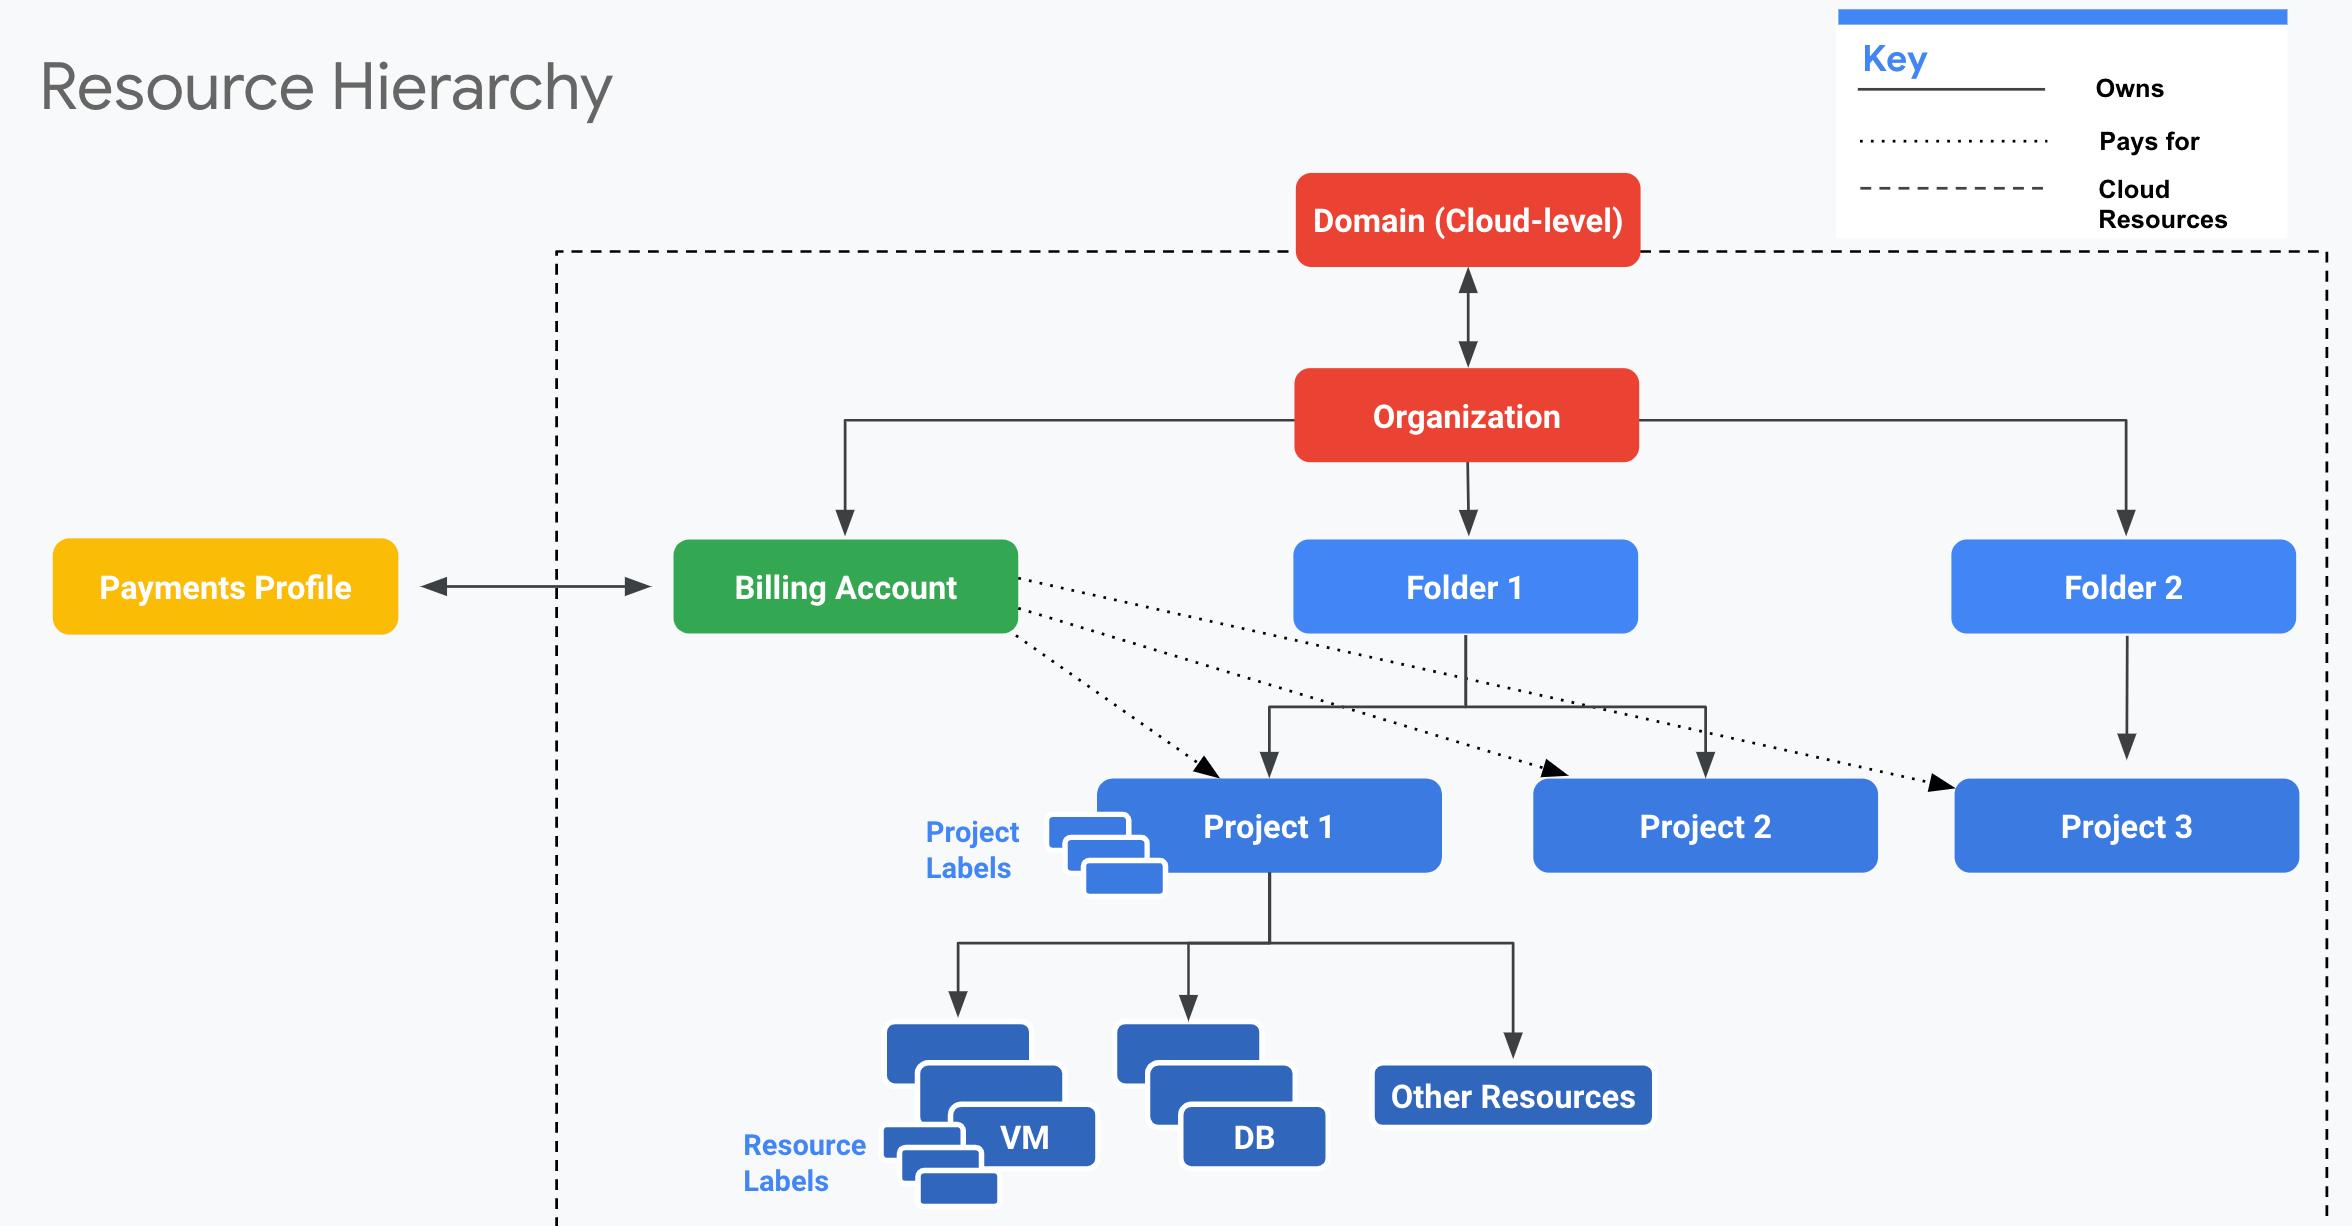 Diagramm: Ressourcenhierarchie, in der die wichtigsten Ressourcen auf Kontoebene für die Verwaltung des Google Cloud-Kontos sowie deren Beziehung zum Cloud-Rechnungskonto und zum Zahlungsprofil veranschaulicht werden.